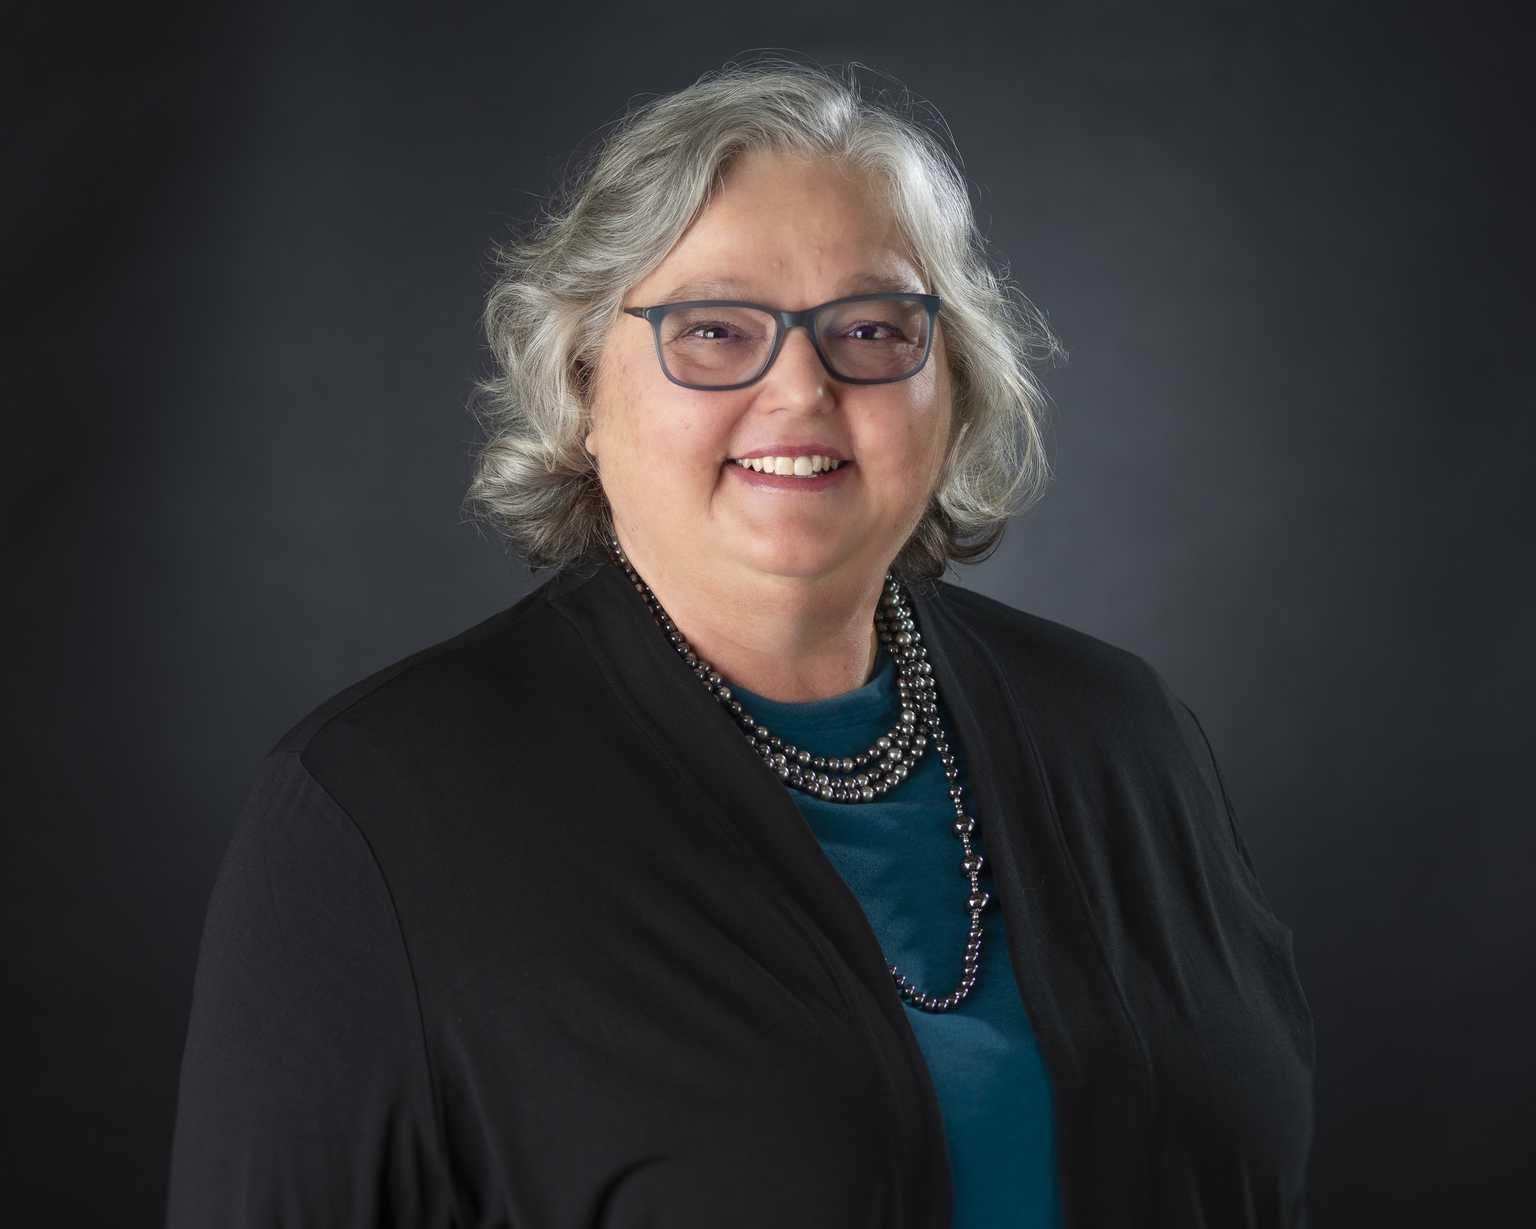 Margaret Stewart, Communications Director